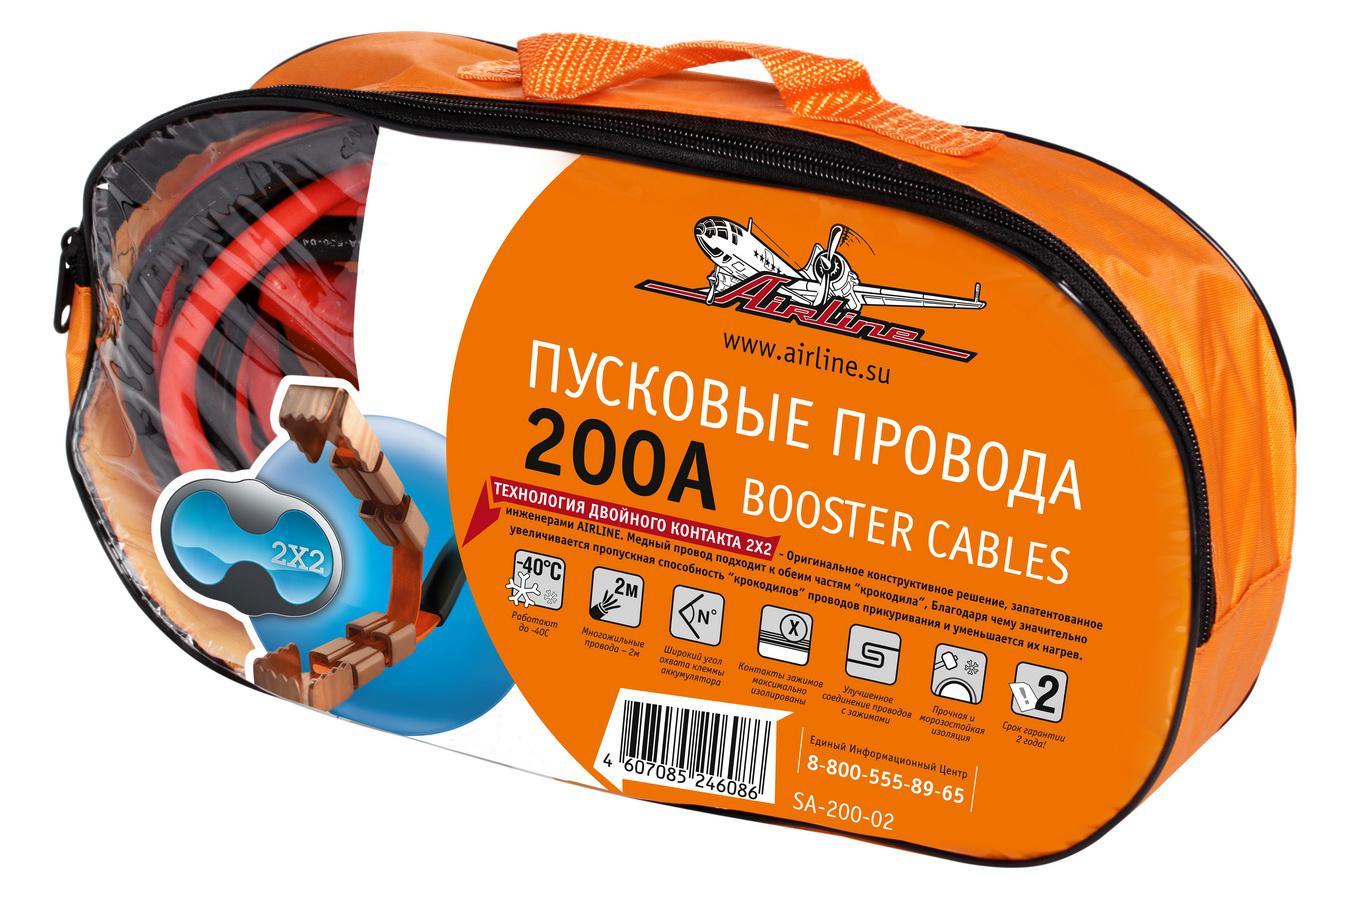 Провода для прикуривания Airline Sa-200-02  провода вспомогательного запуска